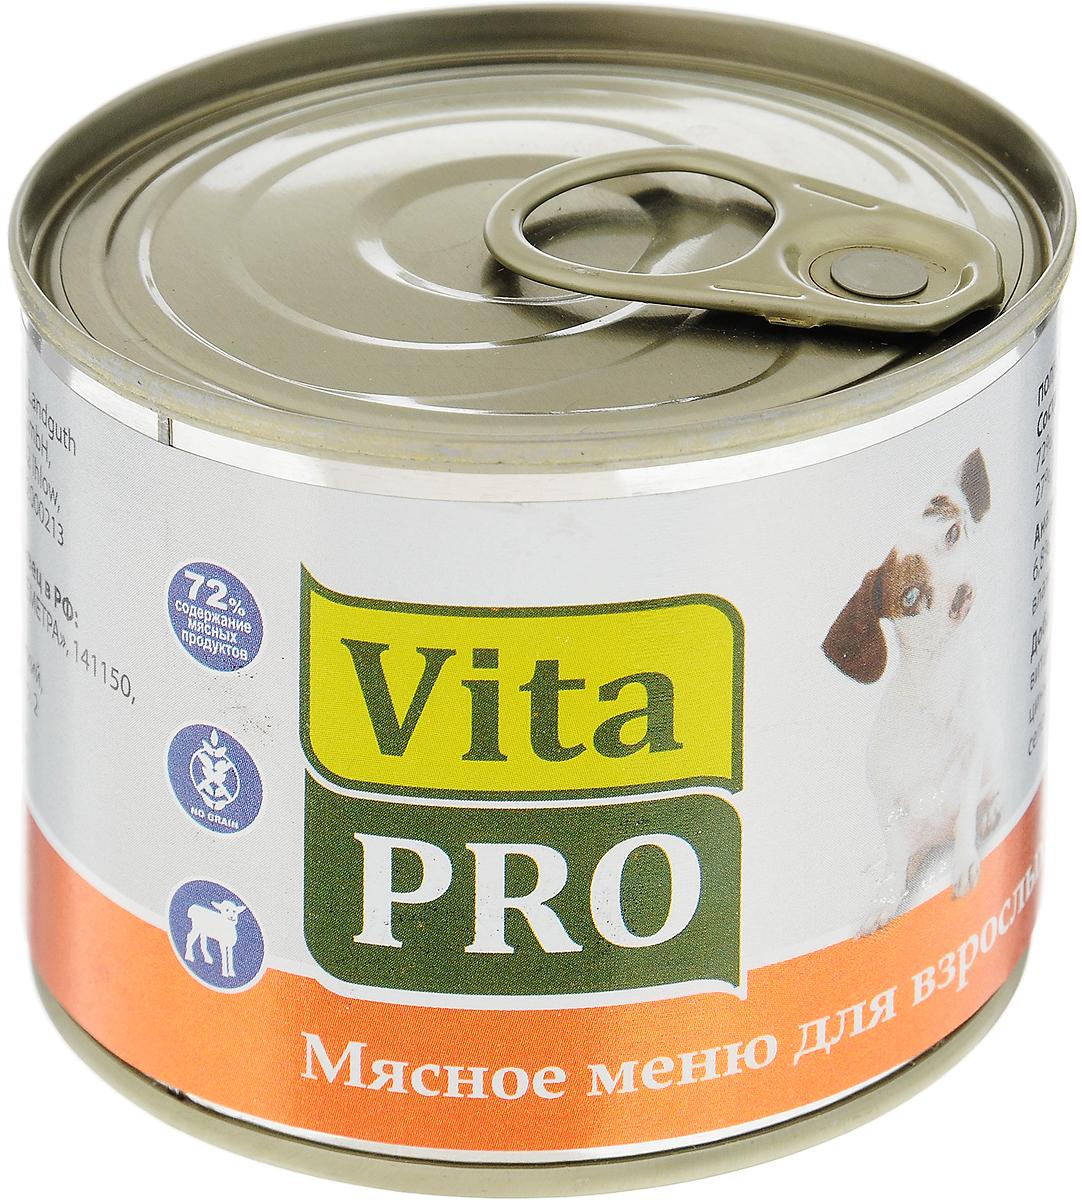 Консервы Vita Pro Мясное меню для собак, ягненок, 200 г90006Корм из натурального мяса без овощей и злаков с добавлением кальция для растущего организма. Не содержит искусственных красителей и усилителей вкуса. Крупнофаршевая текстура.